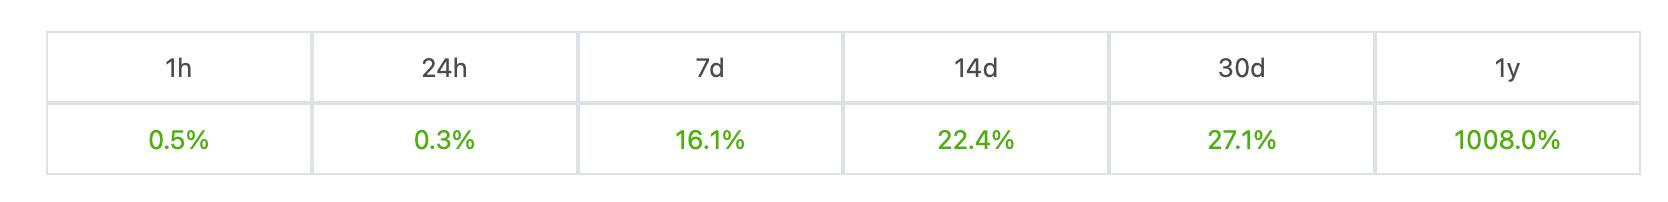 биткоин рост курс